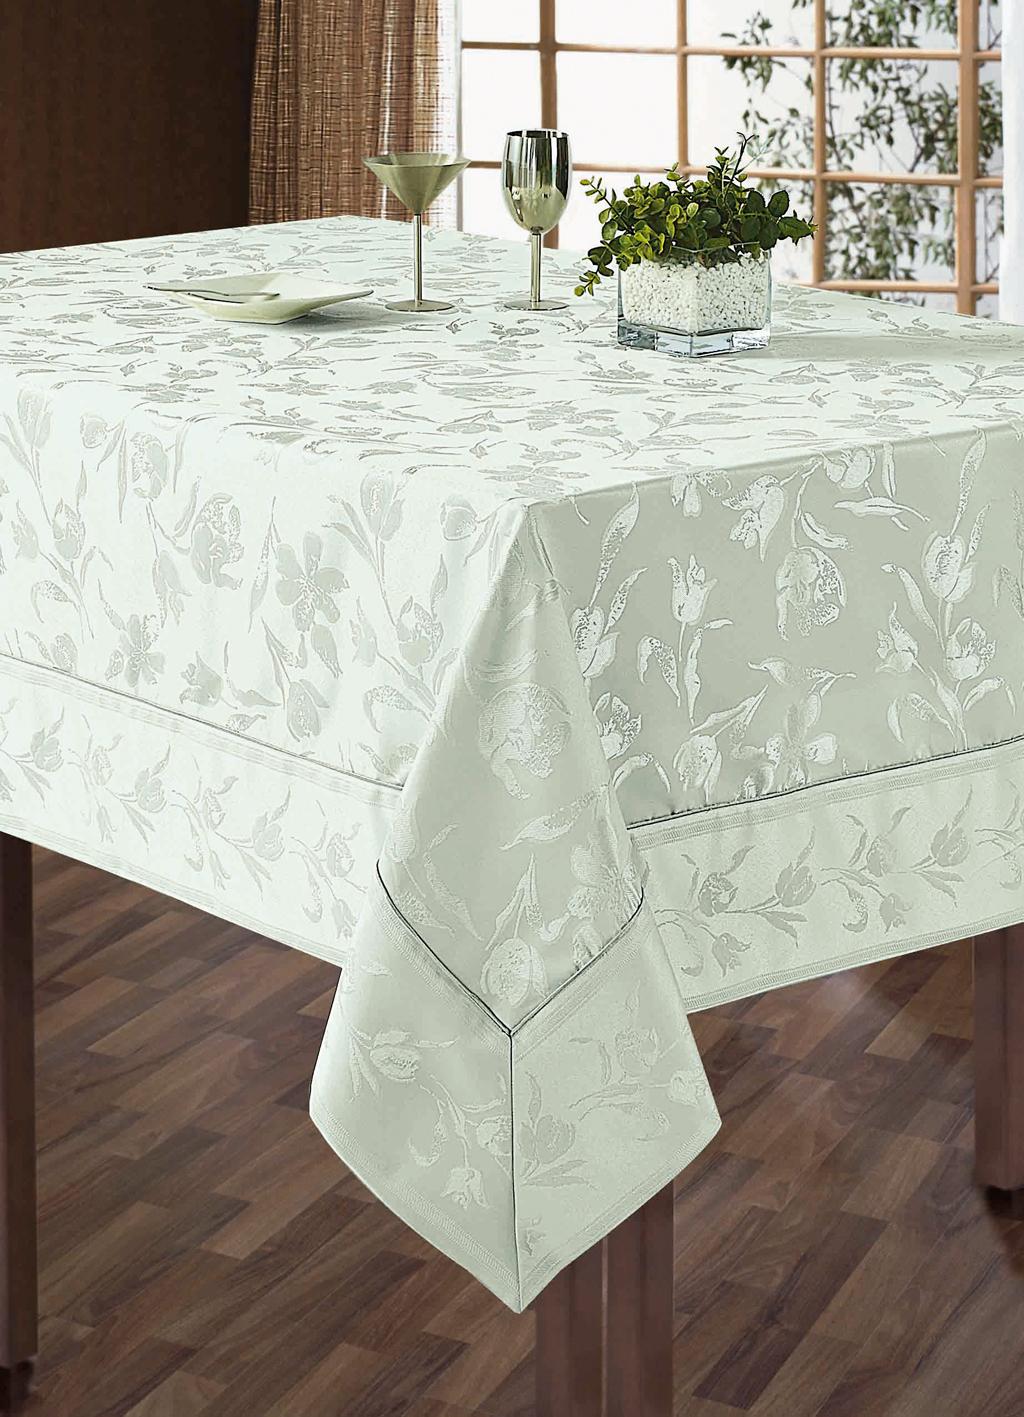 Комплект столового белья SL, цвет: белый, 5 предметов. 10108VT-1520(SR)Роскошный комплект столового белья SL состоит из скатерти прямоугольной формы и 4 квадратных салфеток. Комплект выполнен из жаккарда с изящным цветочным рисунком. Комплект, несомненно, придаст интерьеру уют и внесет что-то новое. Использование такого комплекта сделает застолье более торжественным, поднимет настроение гостей и приятно удивит их вашим изысканным вкусом. Вы можете использовать этот комплект для повседневной трапезы, превратив каждый прием пищи в волшебный праздник и веселье.Жаккард - это гладкая, безворсовая ткань сложного плетения, в состав которой входят как синтетические, так и органические волокна. У белья из жаккардовой ткани гладкая и приятная на ощупь фактура. Его контурный рисунок, созданный благодаря особому плетению, выглядит дорого и изящно. Здесь воссоединились блеск шелка и уютная мягкость хлопка. Жаккардовые ткани очень прочны и долговечны, очень удобны в эксплуатации. Скатерть - 1 шт. Размер: 150 см х 180 см. Салфетки - 4 шт. Размер: 40 см х 40 см.Комплект упакован в красивую подарочную коробку.